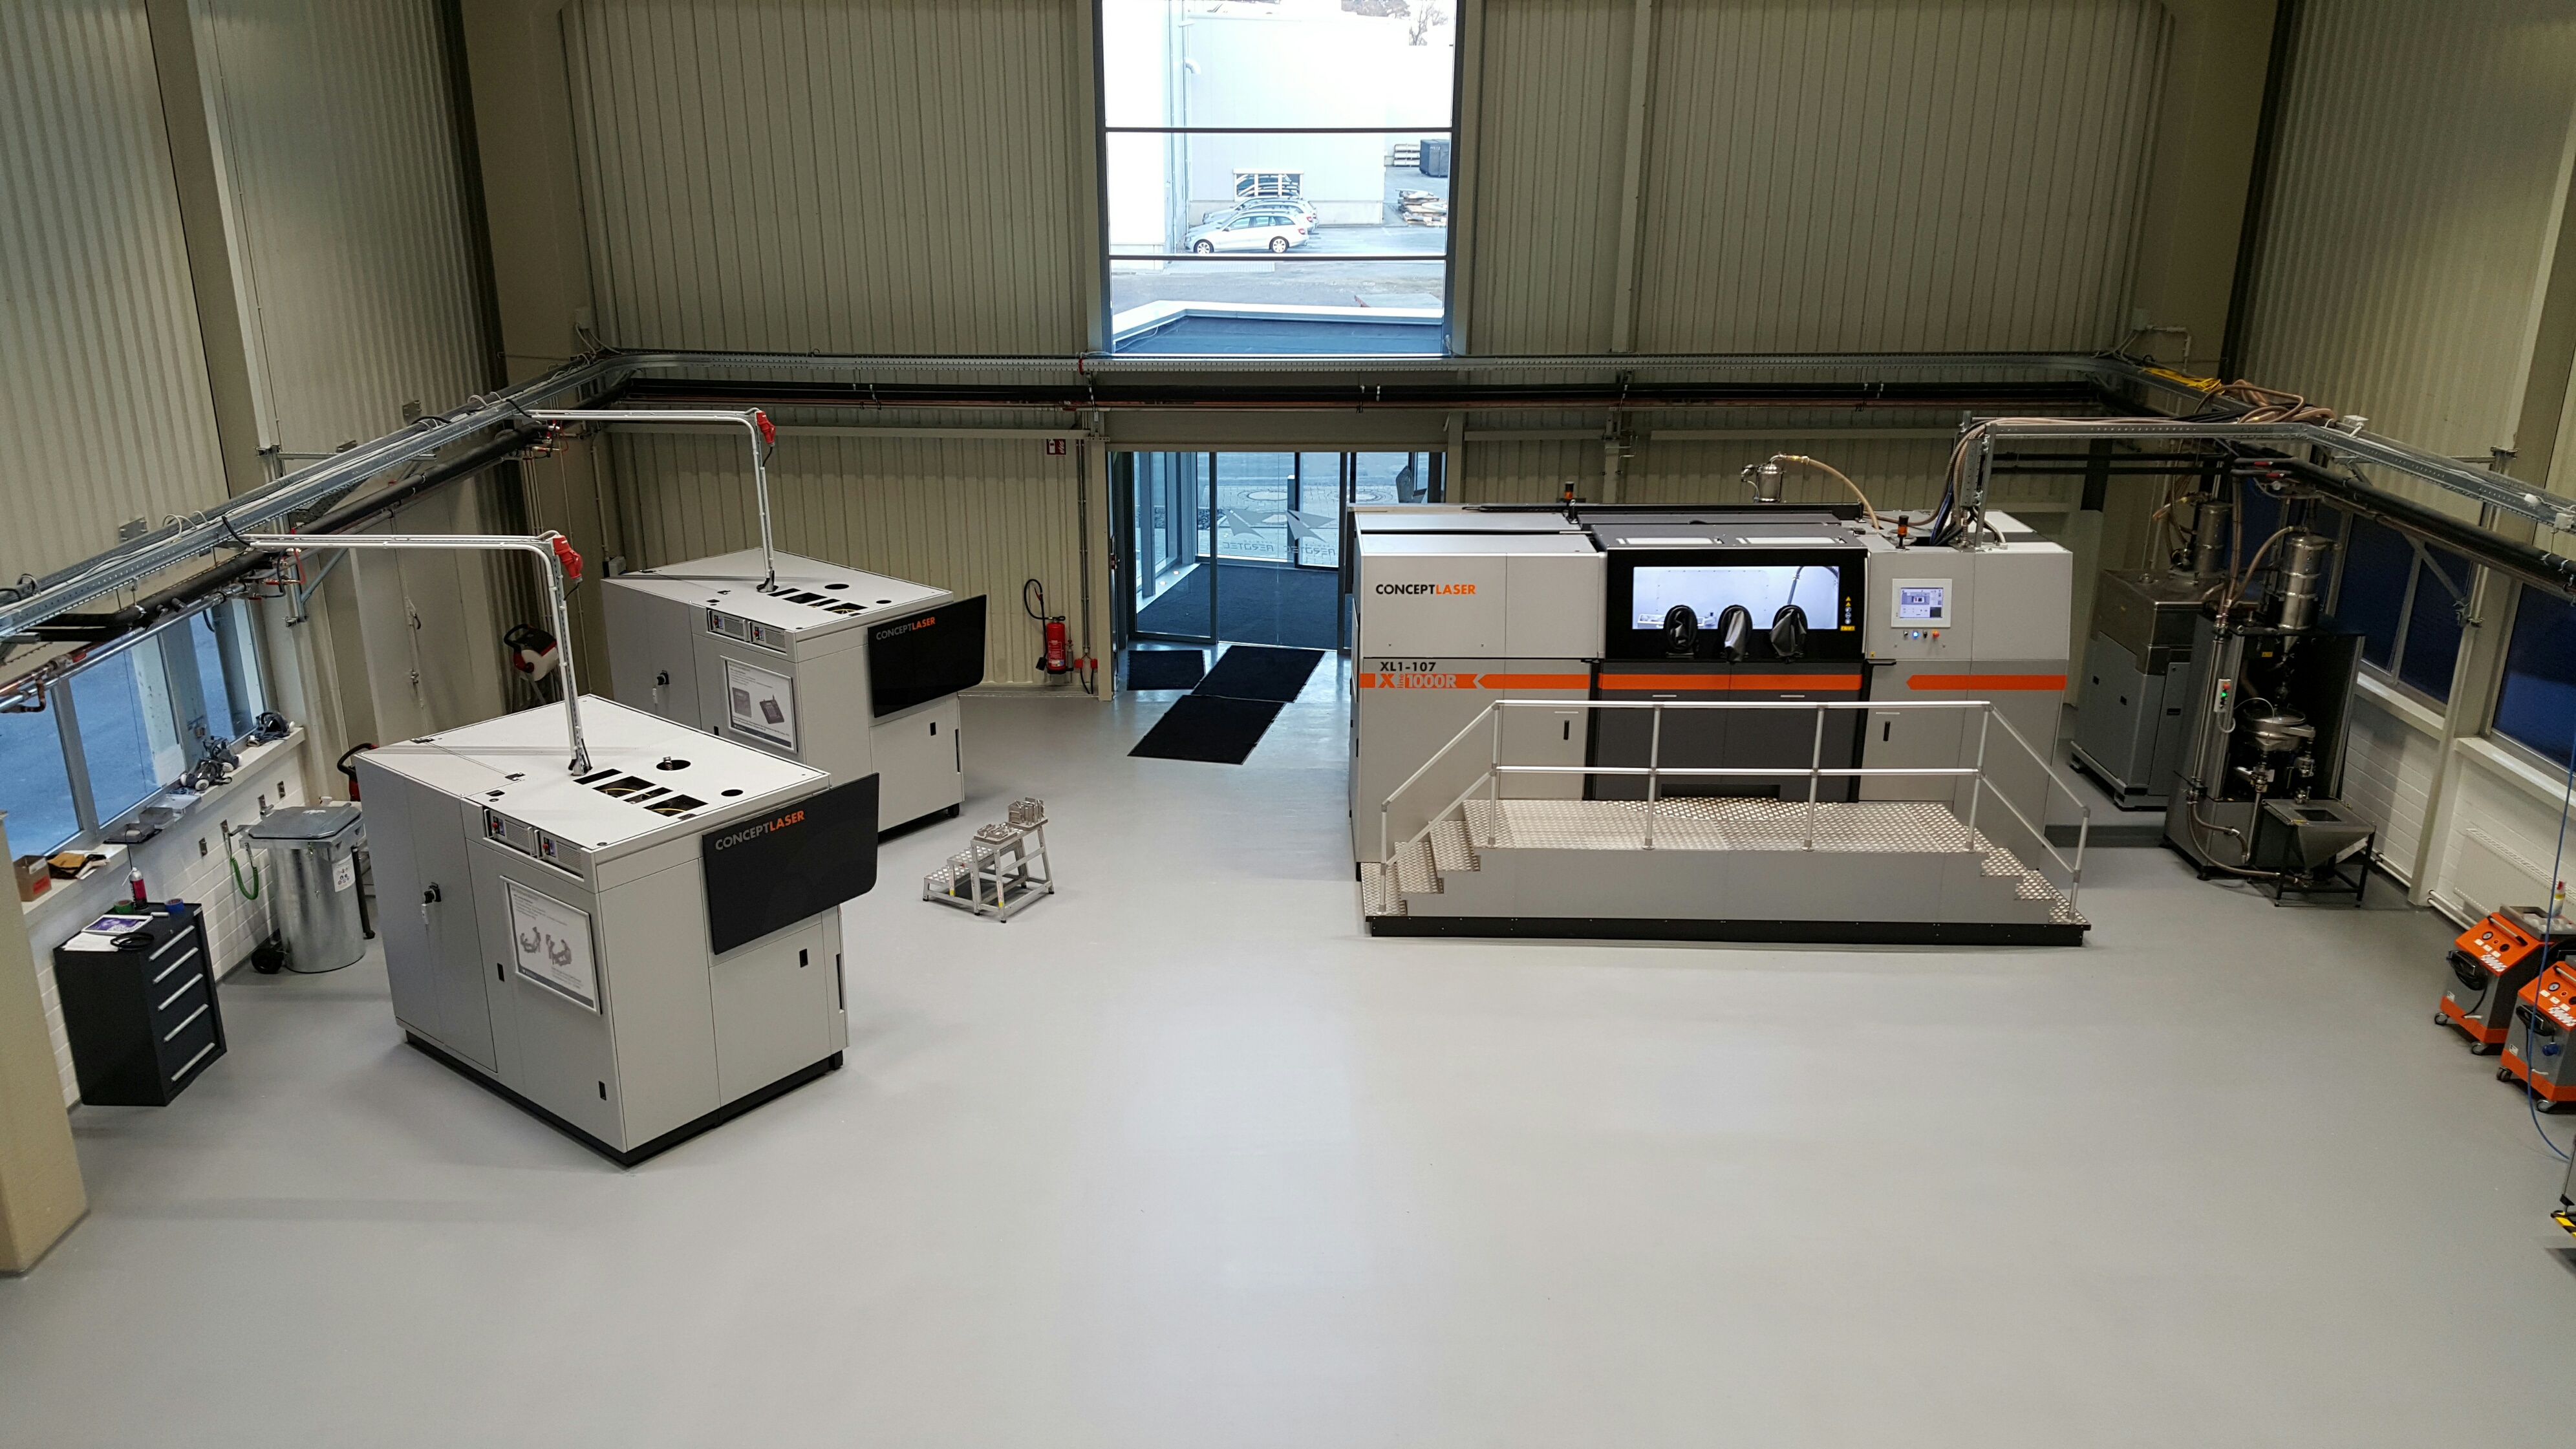 LaserCUSING-Anlagen von Concept Laser in der neue Produktionshalle in Varel, Bild: Premium Aerotec GmbH